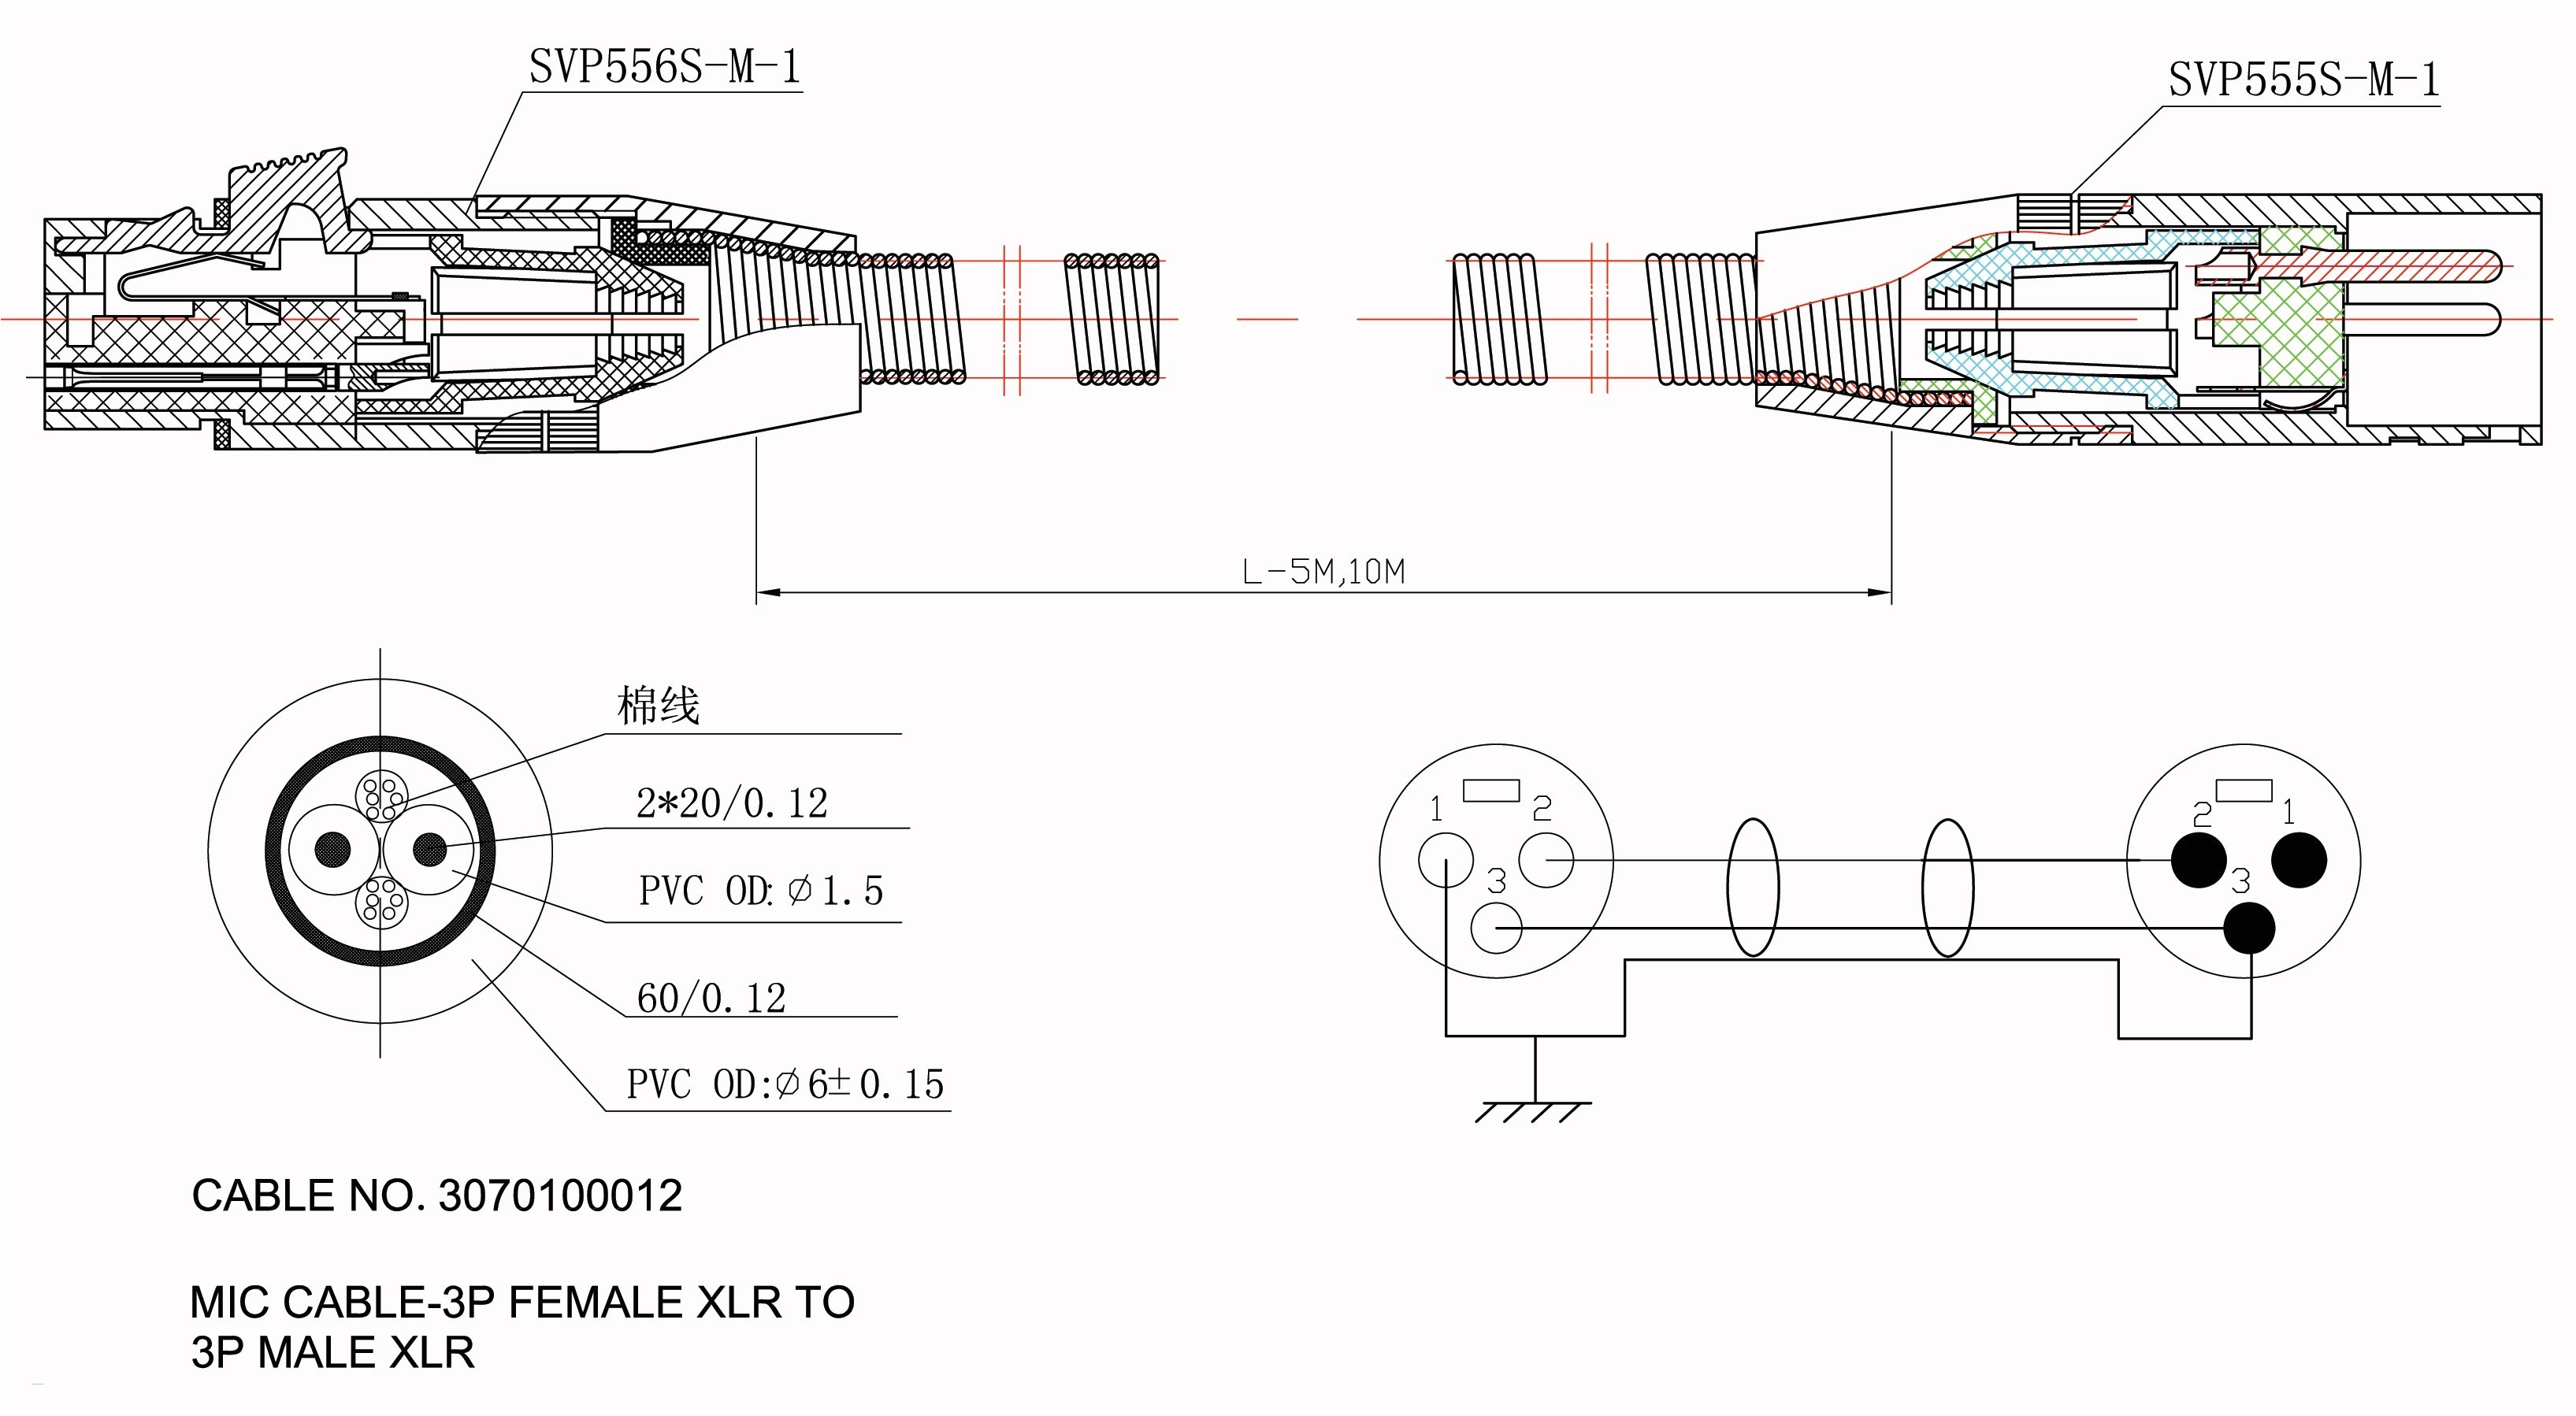 phone wiring diagram nz luxury house wiring diagram nz new basic electrical wiring diagram free jpg